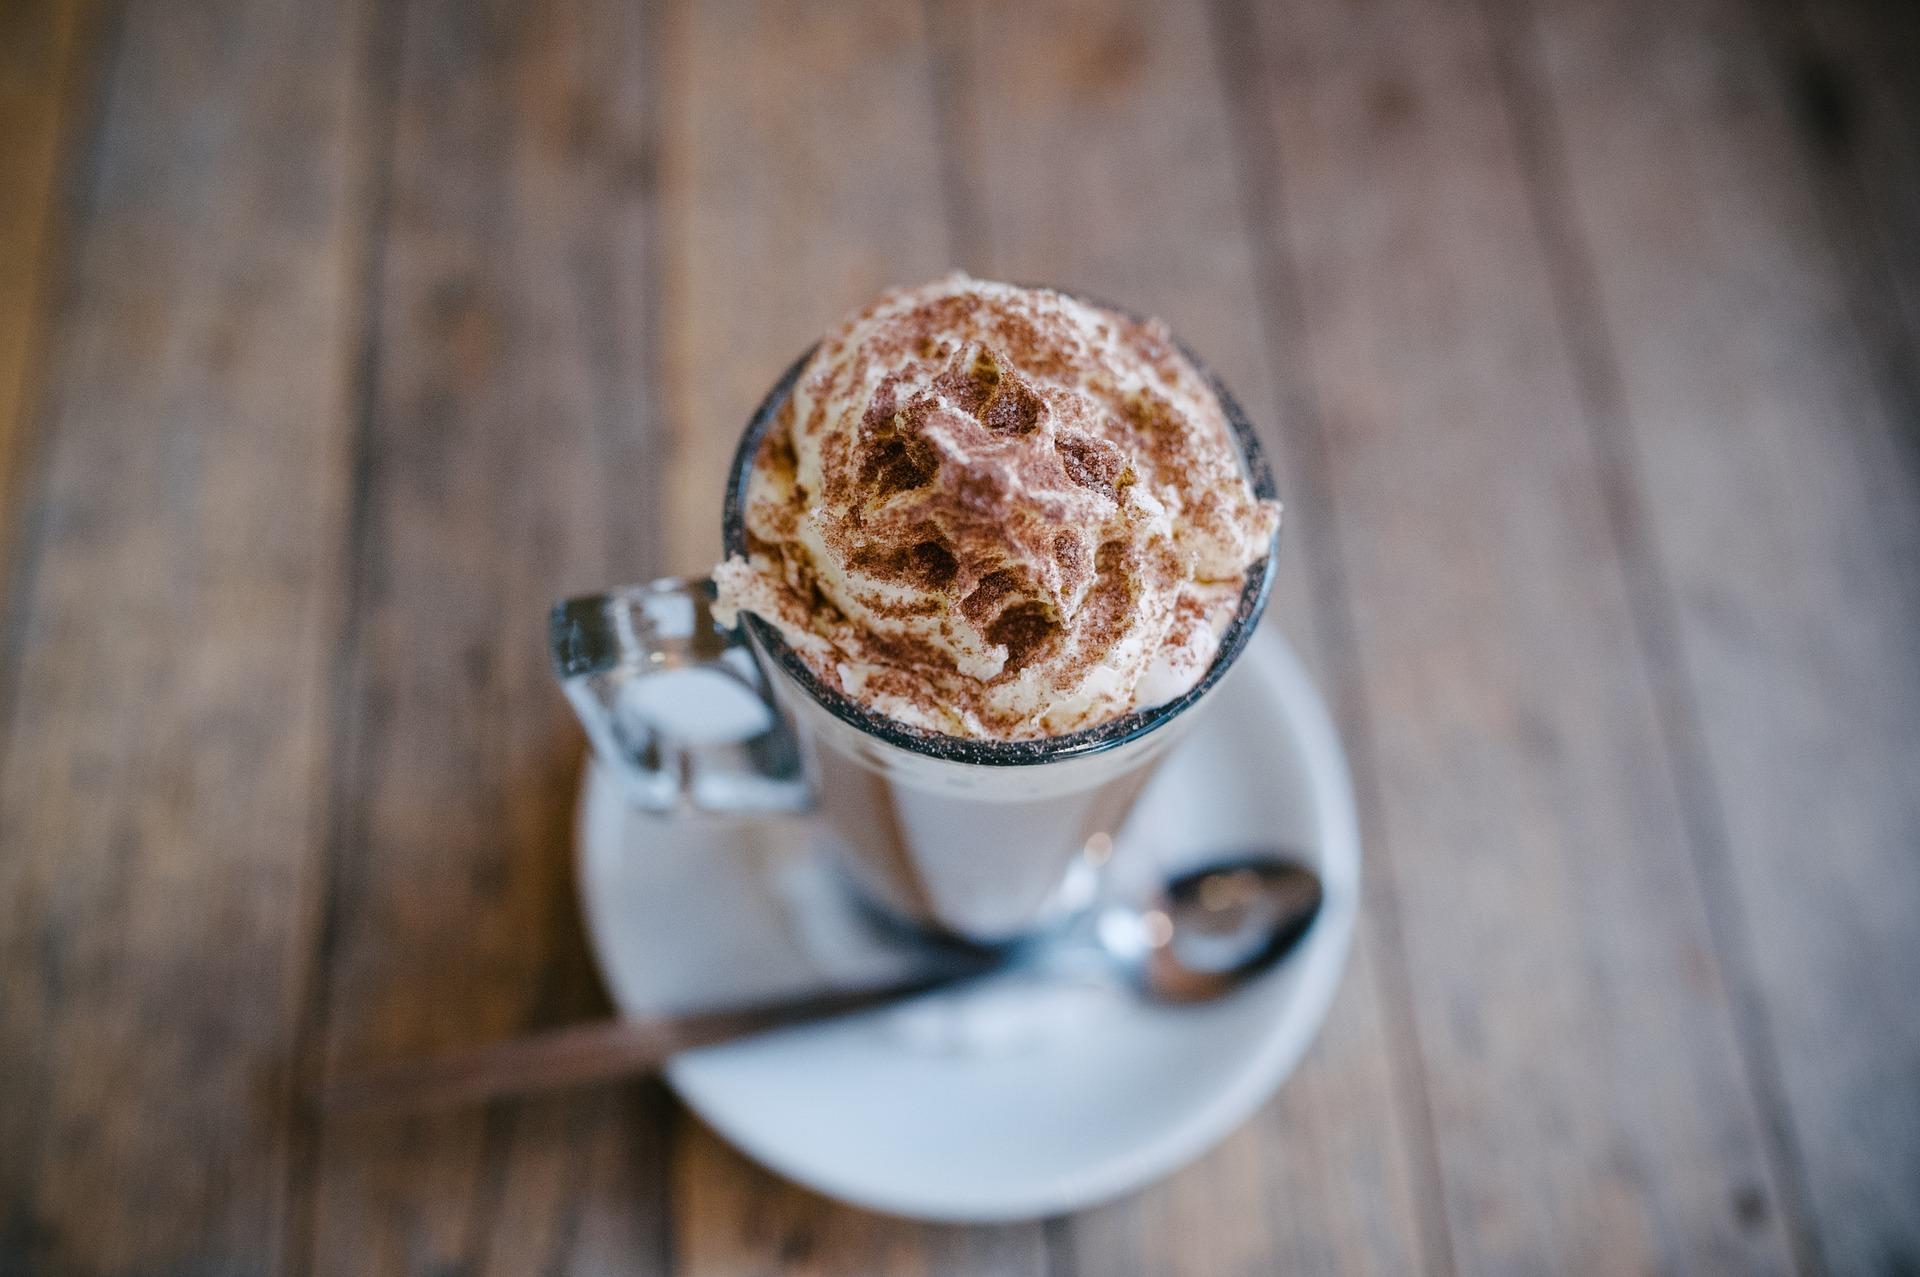 Kokosnuss-Zimt-Latte